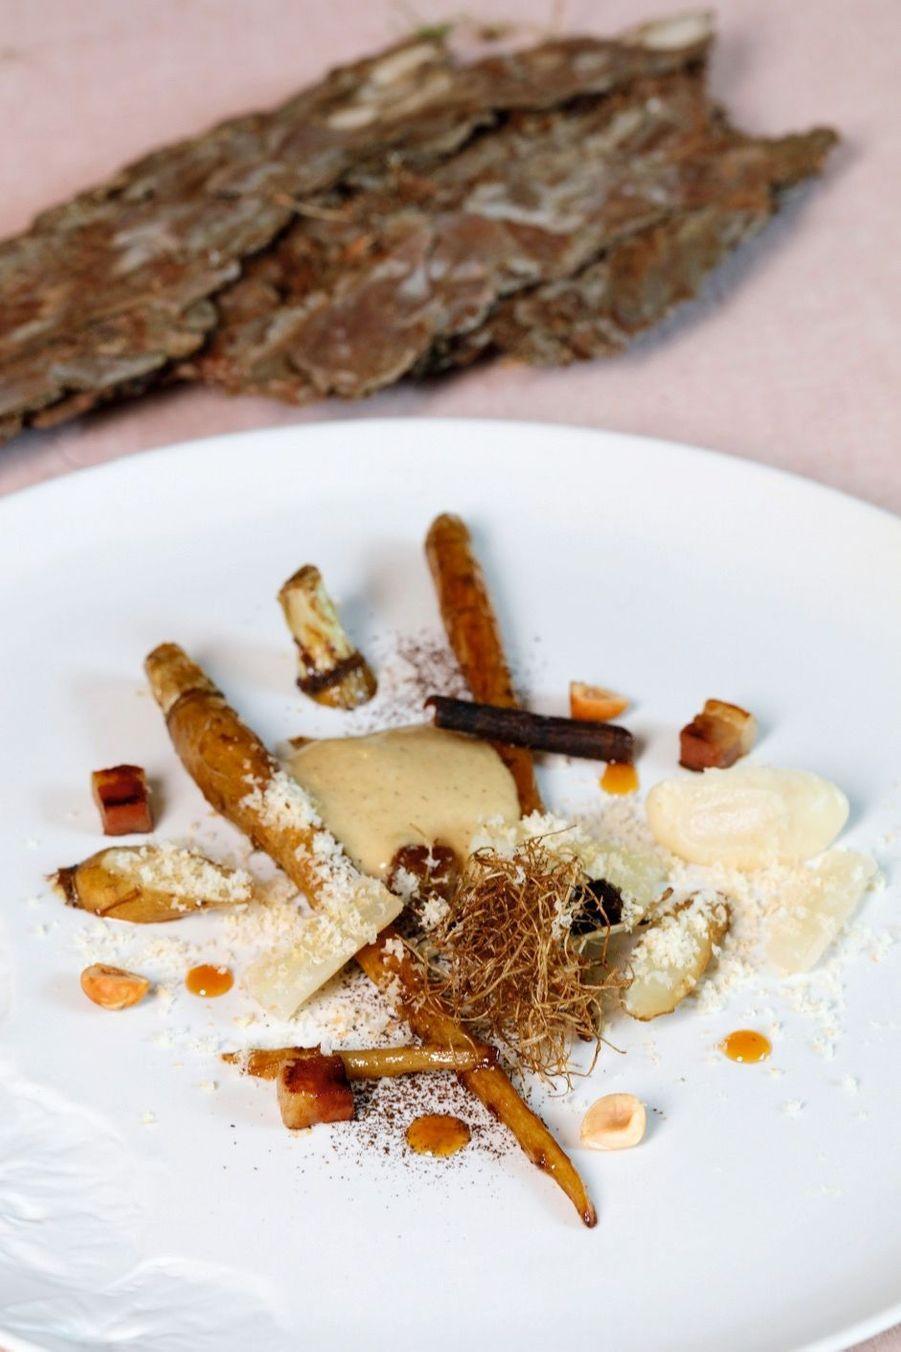 Une entrée sauvage de l'univers végétal d'Anne-Sophie : salsifis rôtis déglacés à la bière et au miel de thym, avec un sabayon de sobacha et truffe blanche du Piémont… Tout sauf une cuisine manucurée !